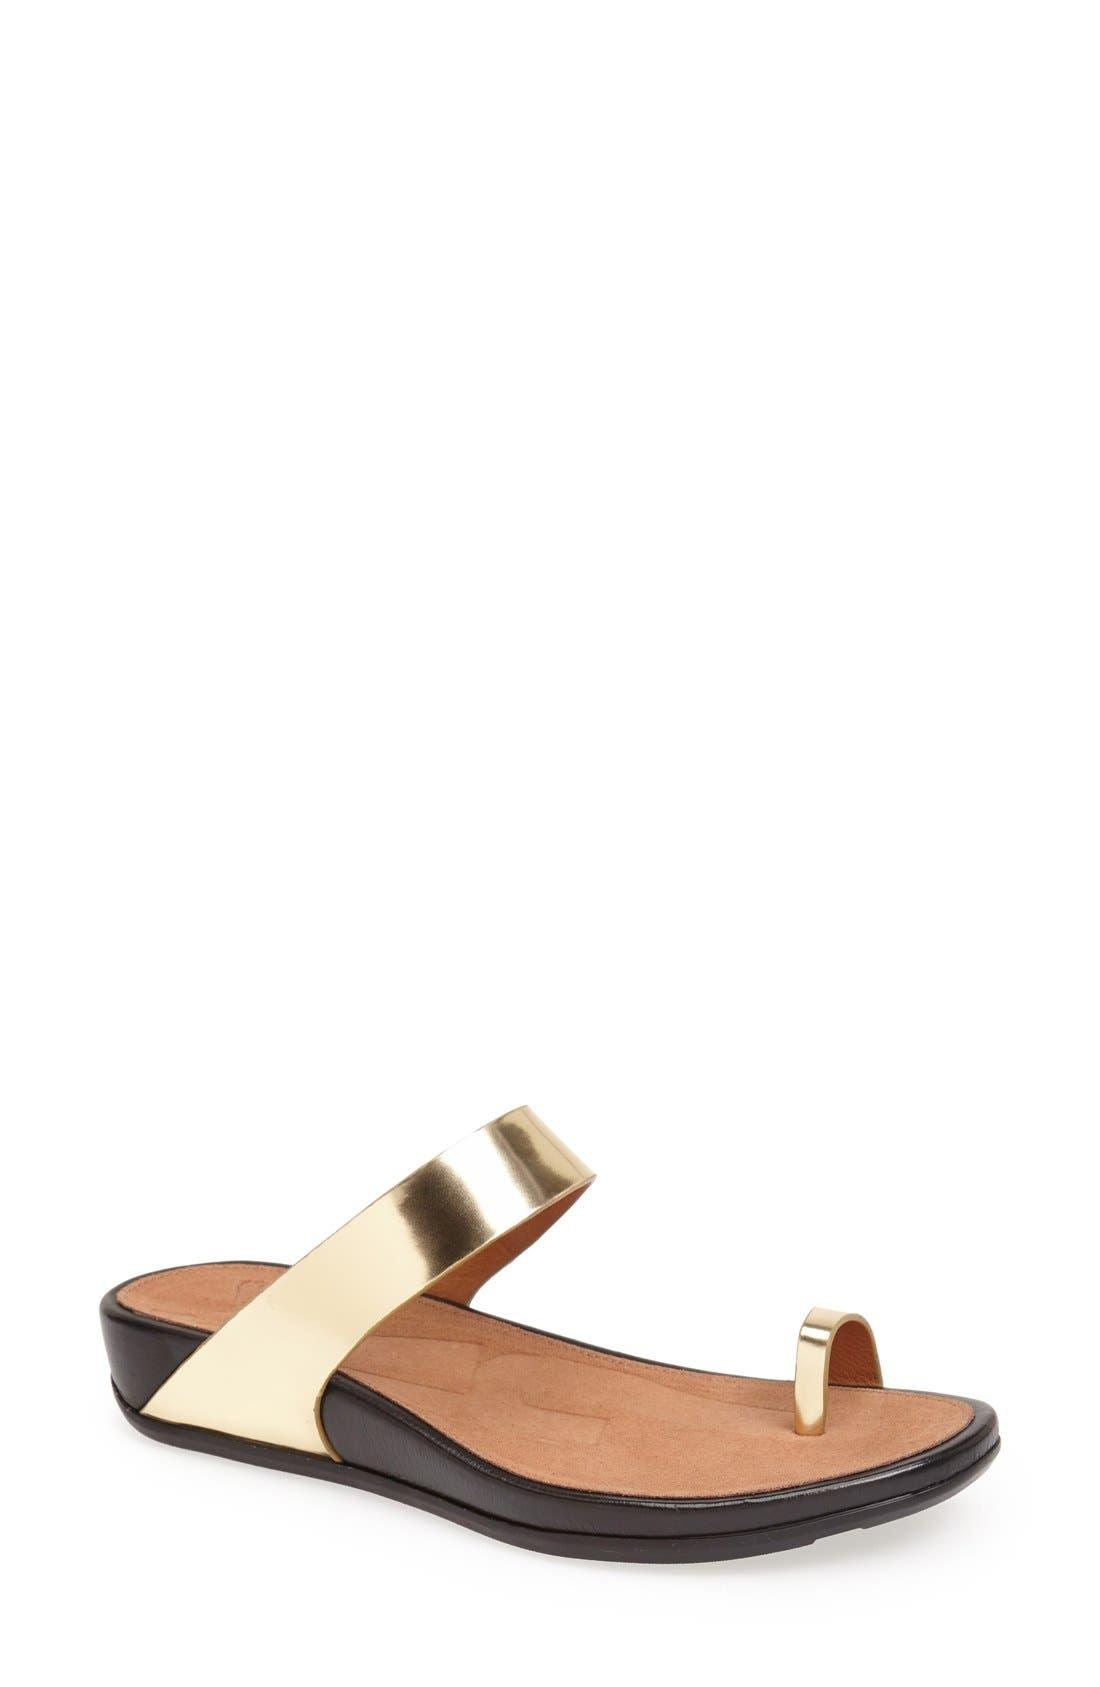 Main Image - FitFlop™ 'De Loop' Slide Sandal (Women) (Nordstrom Exclusive)